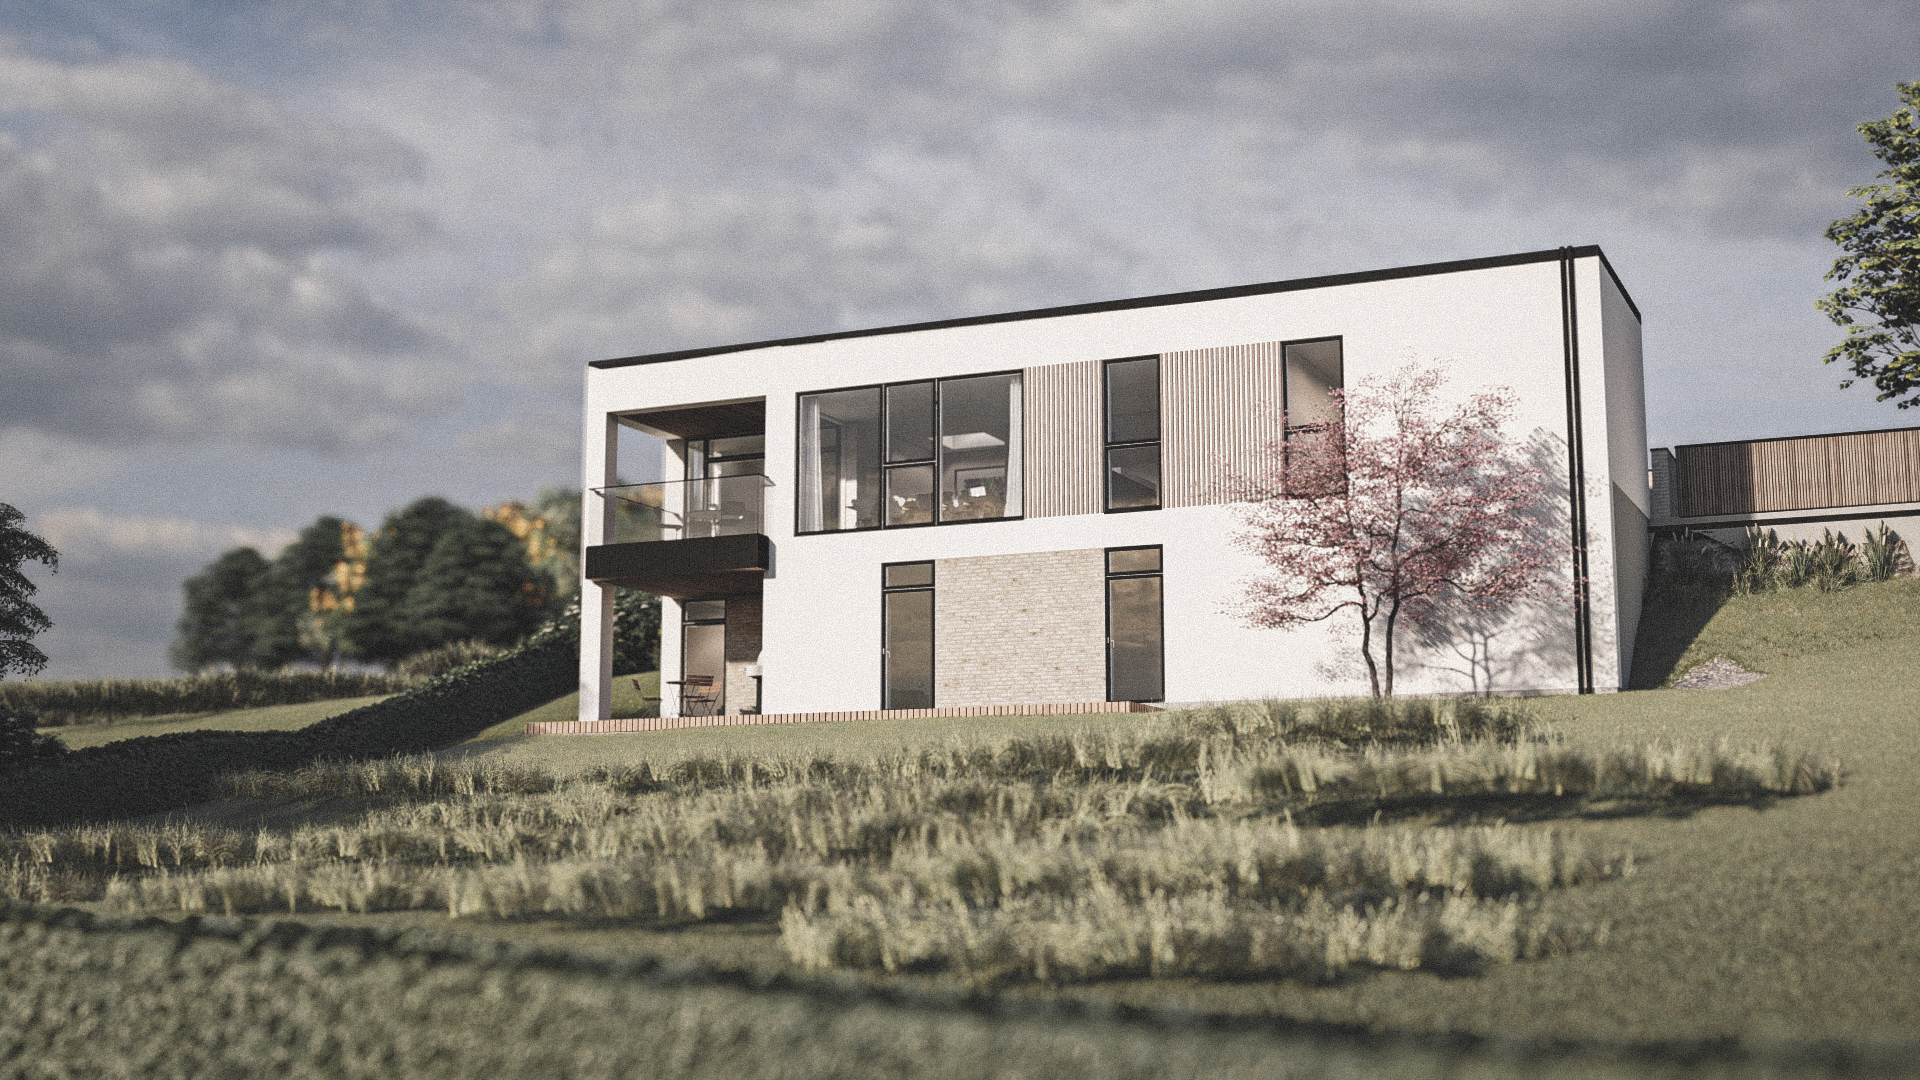 Billede af et arkitekt tegnet projektforslag af ny drømme villa i Ikast, af det danske arkitektfirma m2plus